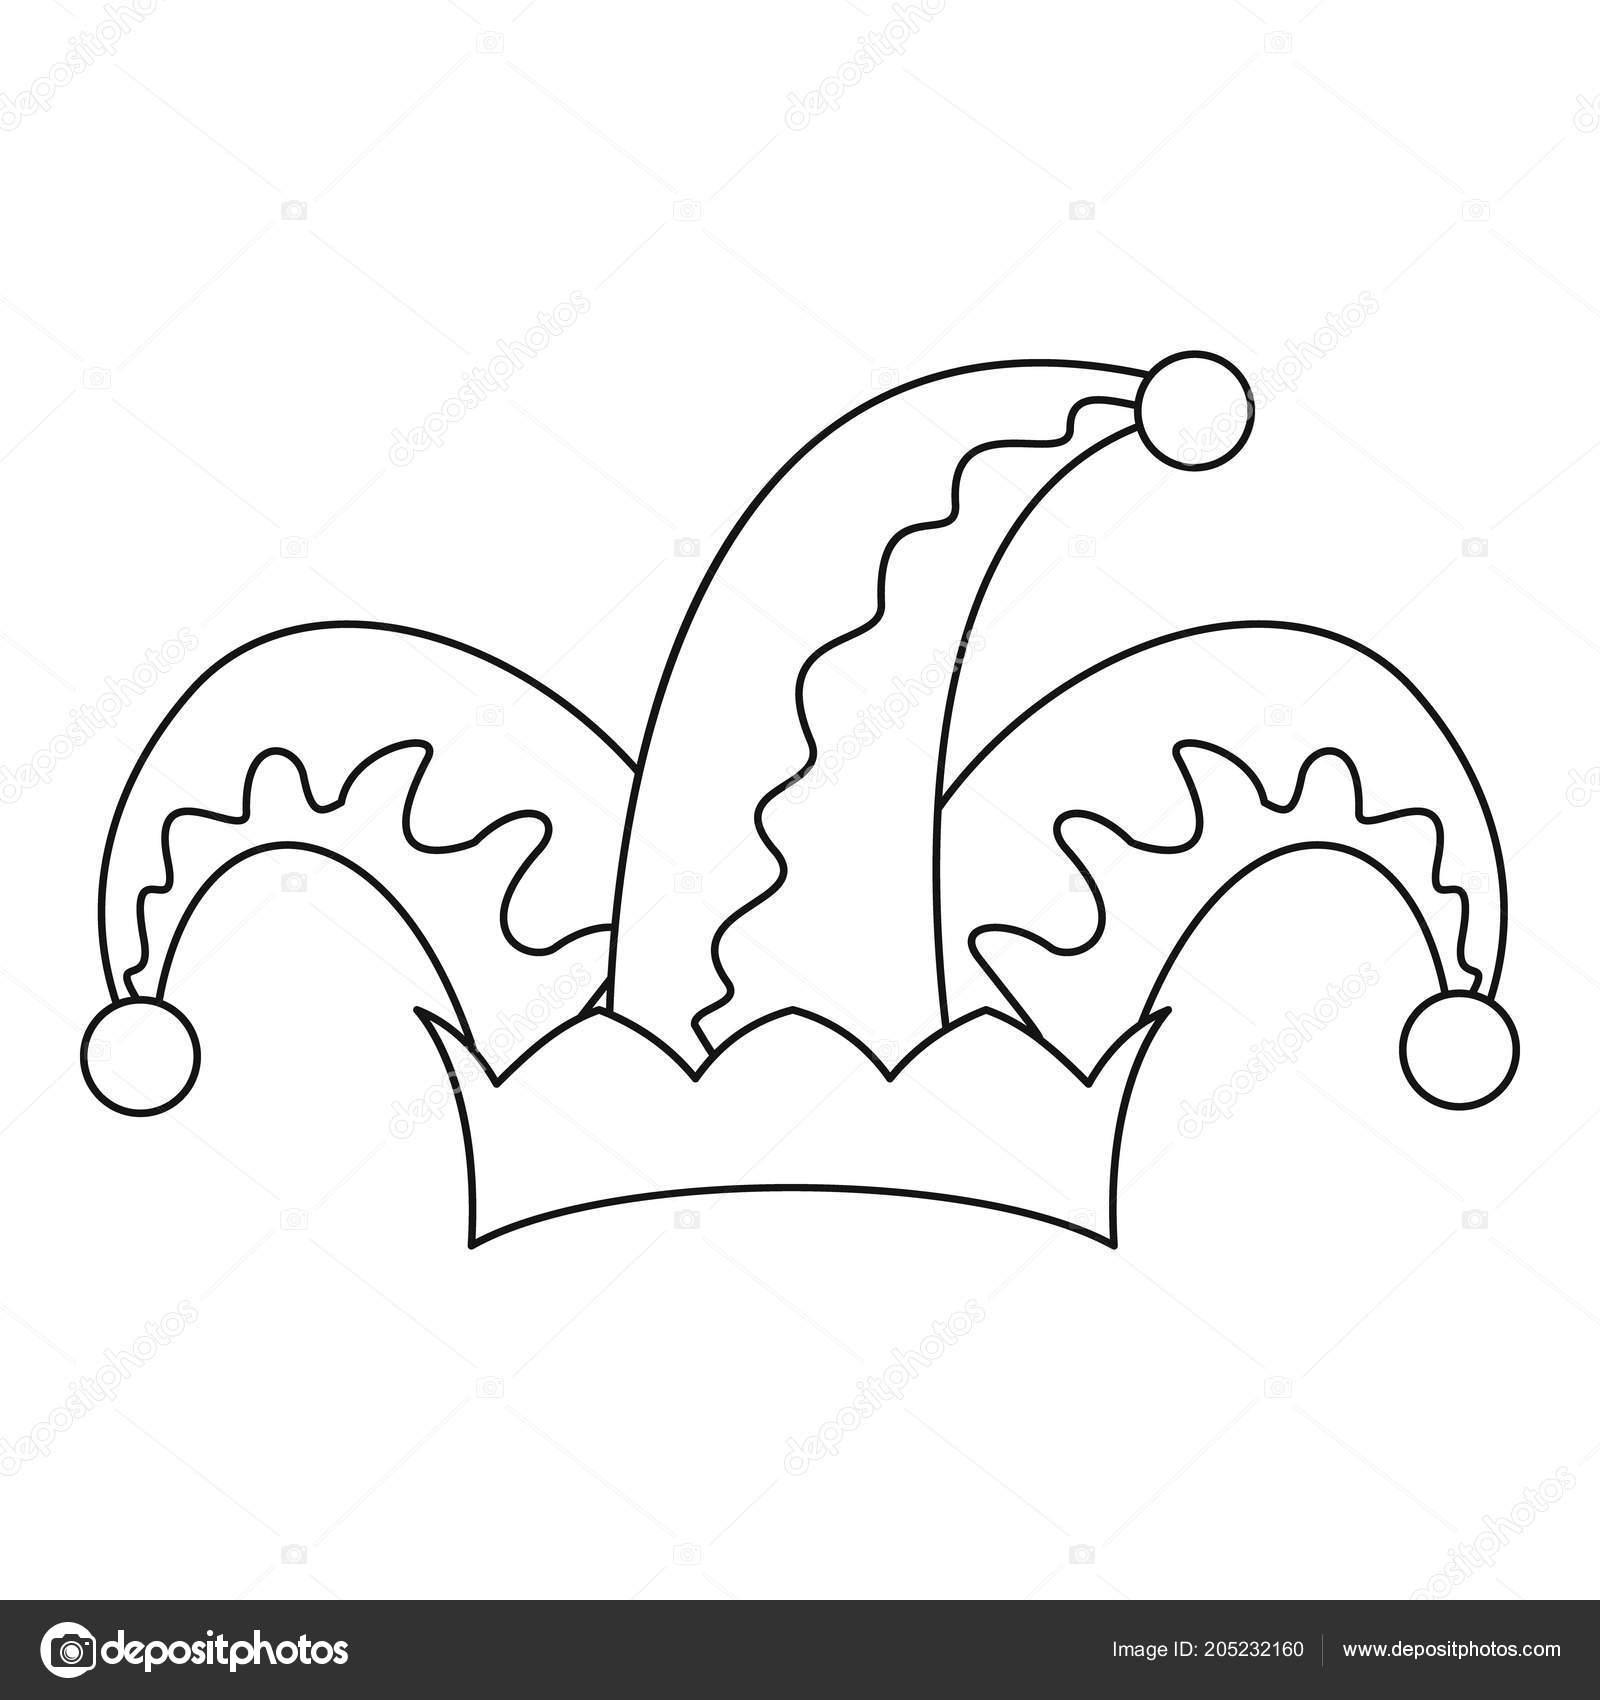 Icono de campana de sombrero de humor. Ilustración de esbozo de icono de  vector de humor sombrero campana para diseño web aislado sobre fondo blanco  ... 2ae4e5ef64b